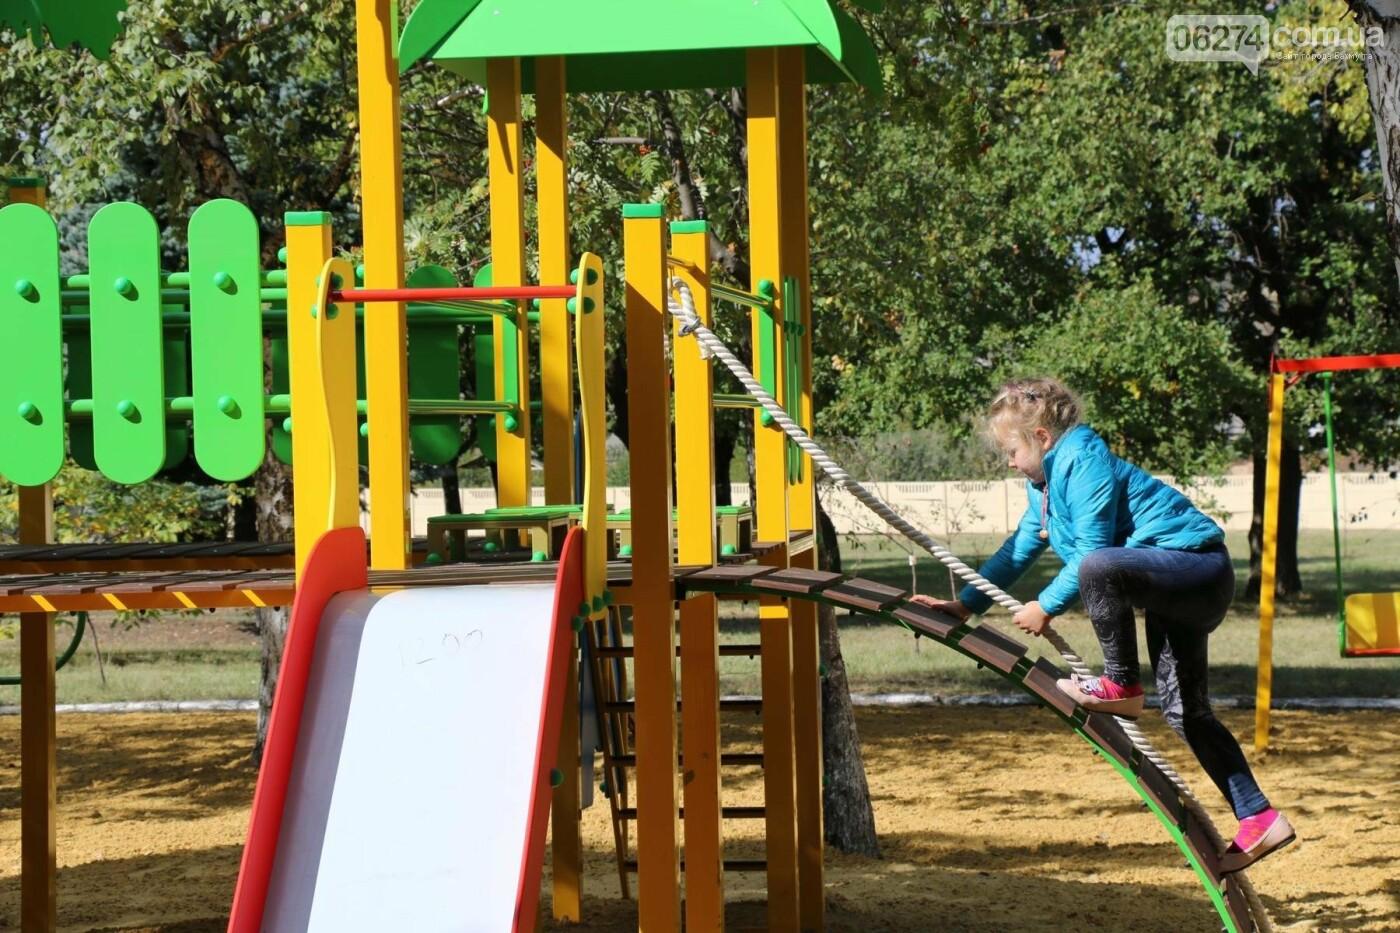 Обновленную детскую площадку открыли в Бахмутской ЦРБ, фото-7